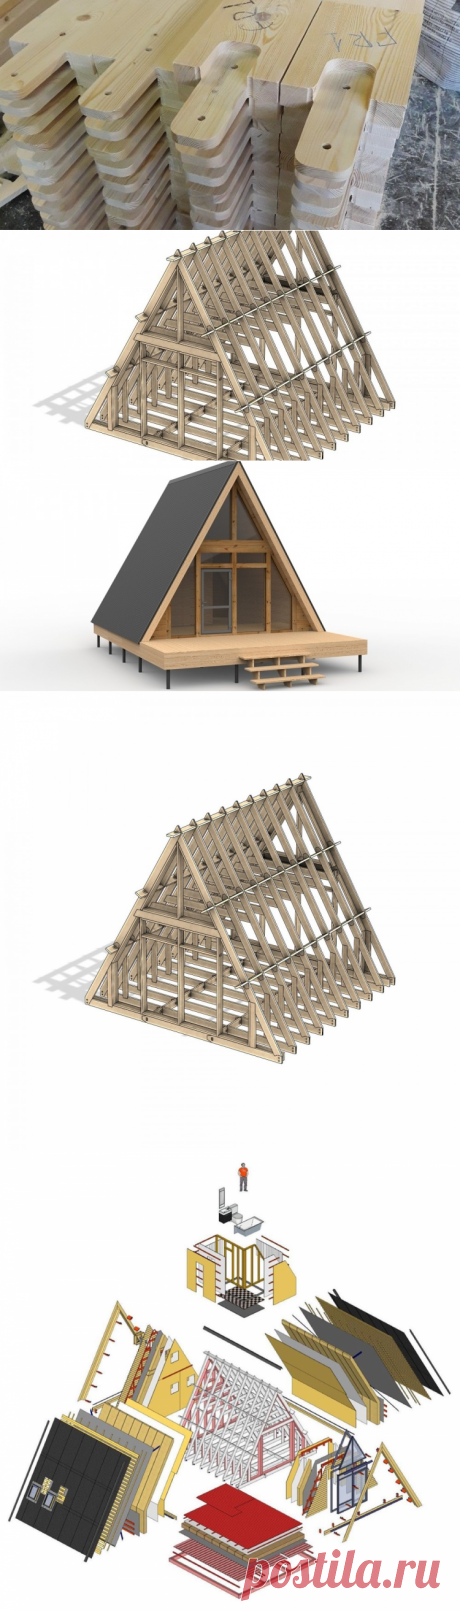 Теплый дом с антресолью из деревянных деталей ⋆ DomaStroika.com